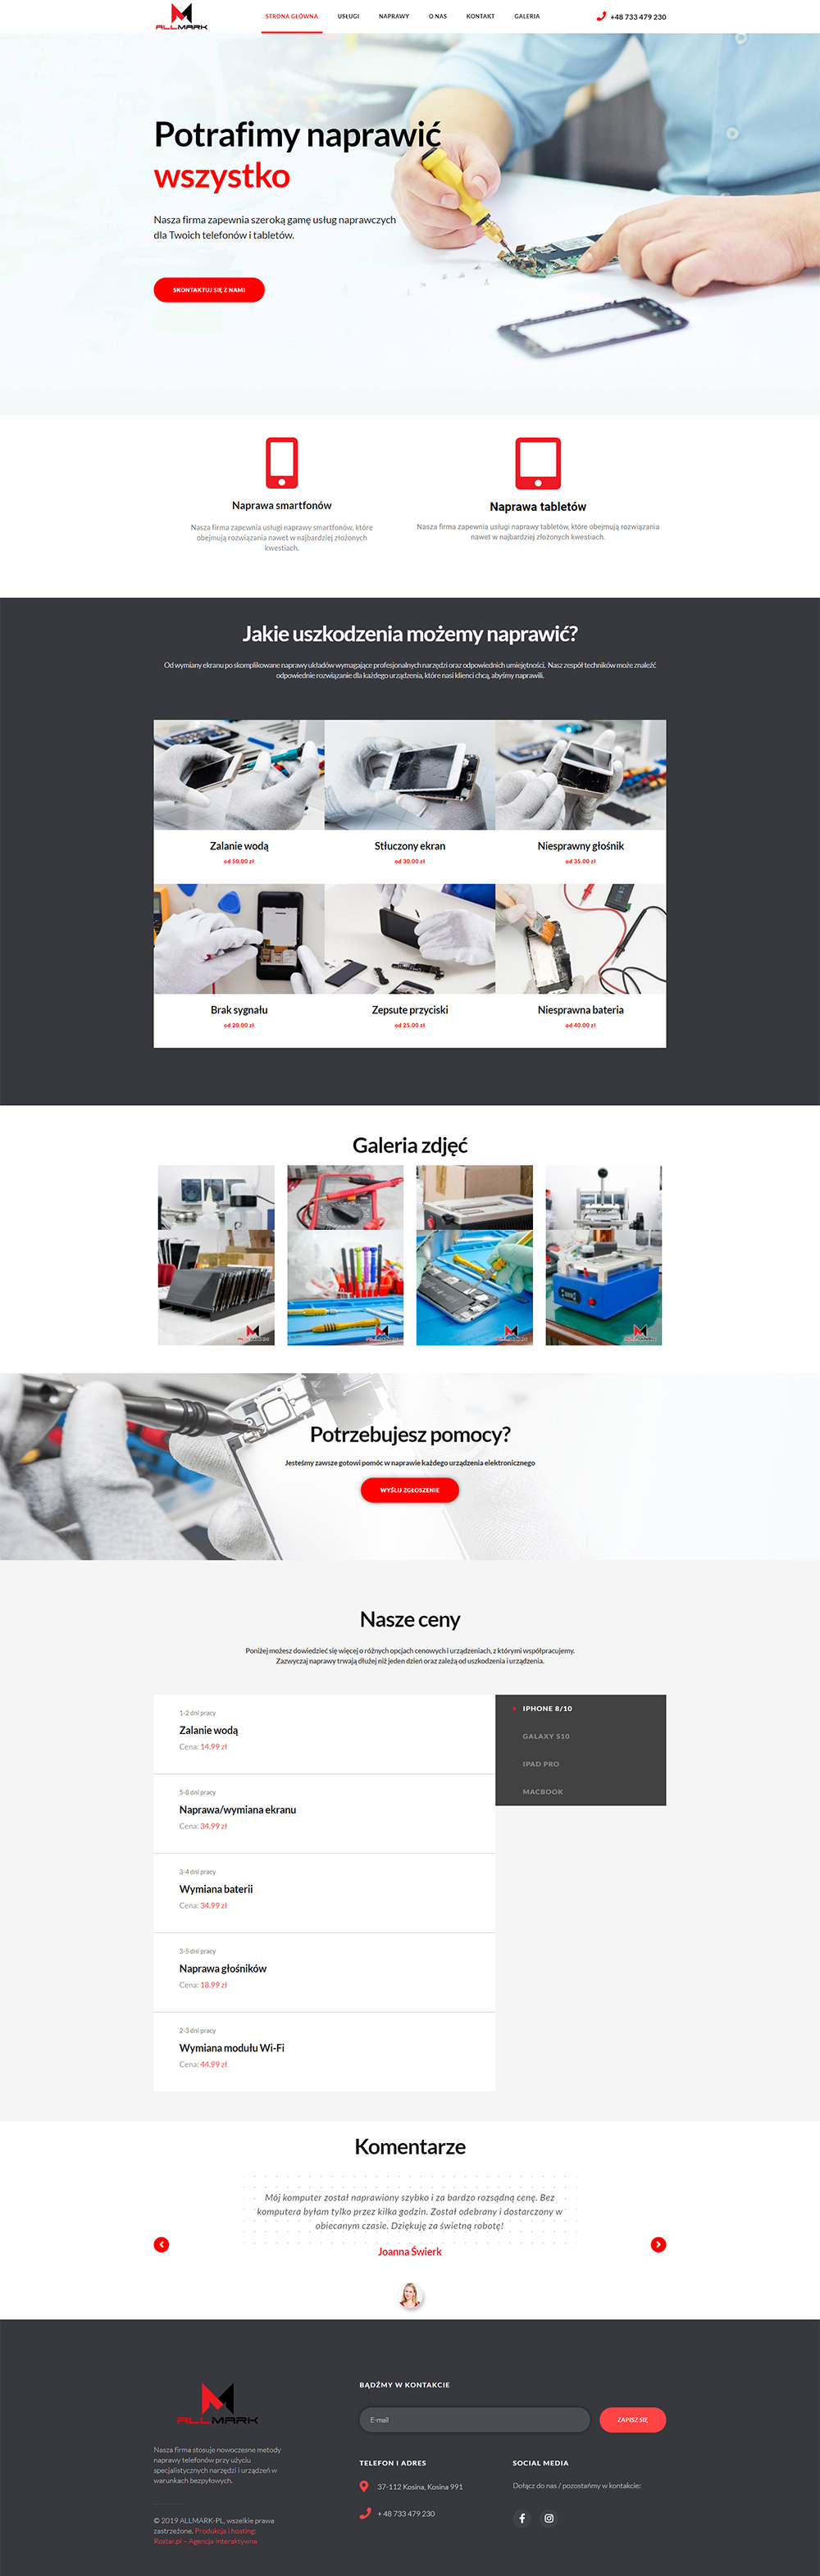 rostar - strony sklepy internetowe - allmark serwis